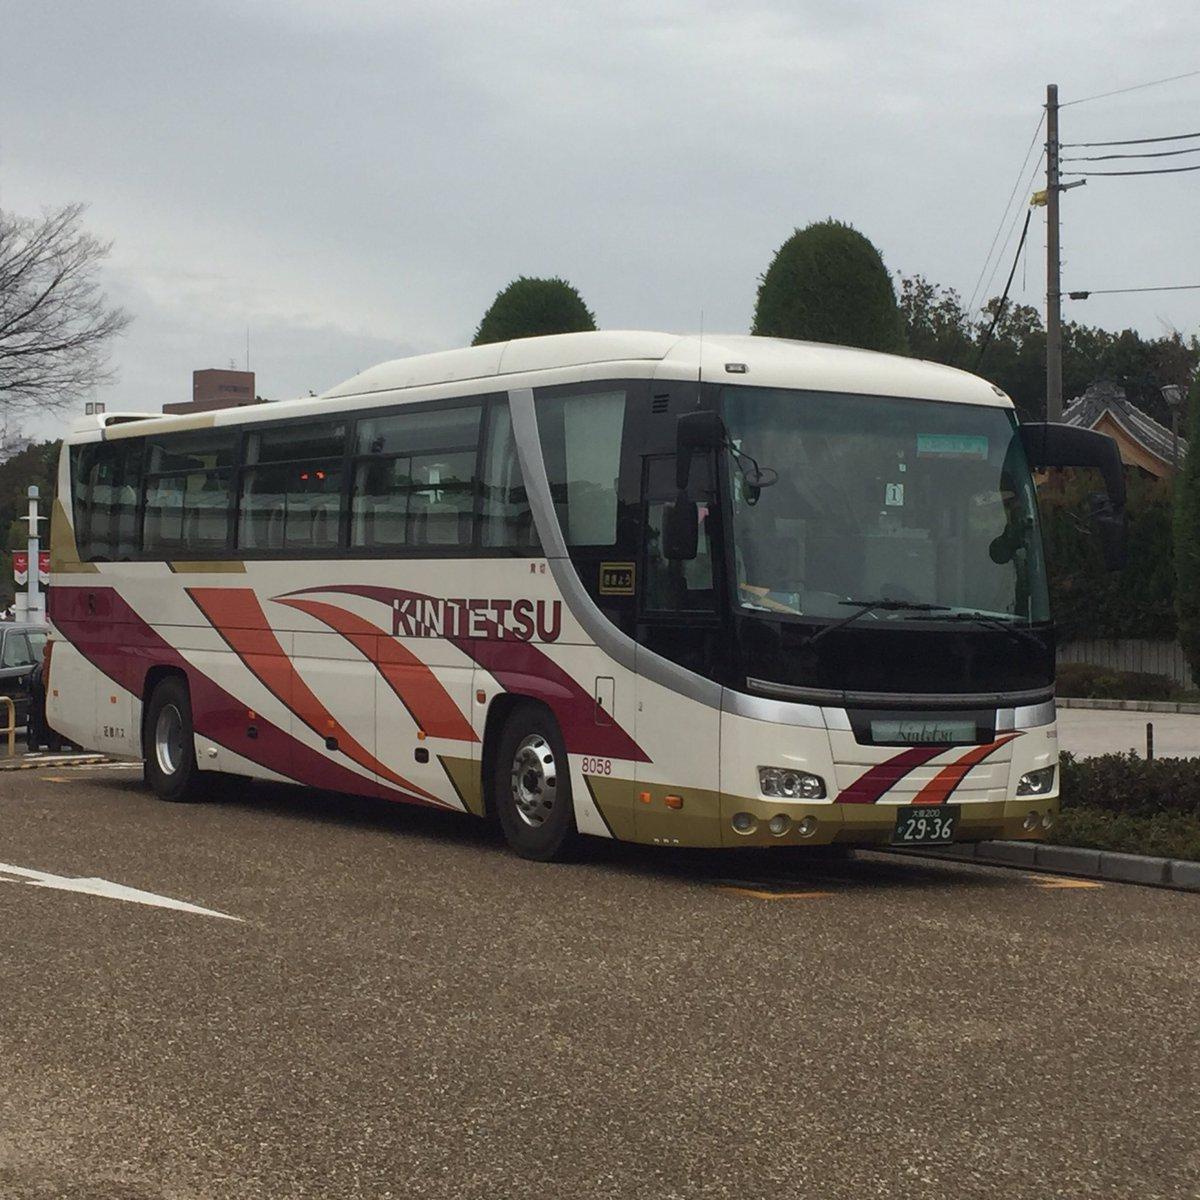 test ツイッターメディア - 毎年の事ですが、関西テレビの 大阪国際女子マラソンのスタッフが チャーターした近鉄バスの日野セレガHDが2台います。 https://t.co/95vA4w3wLL